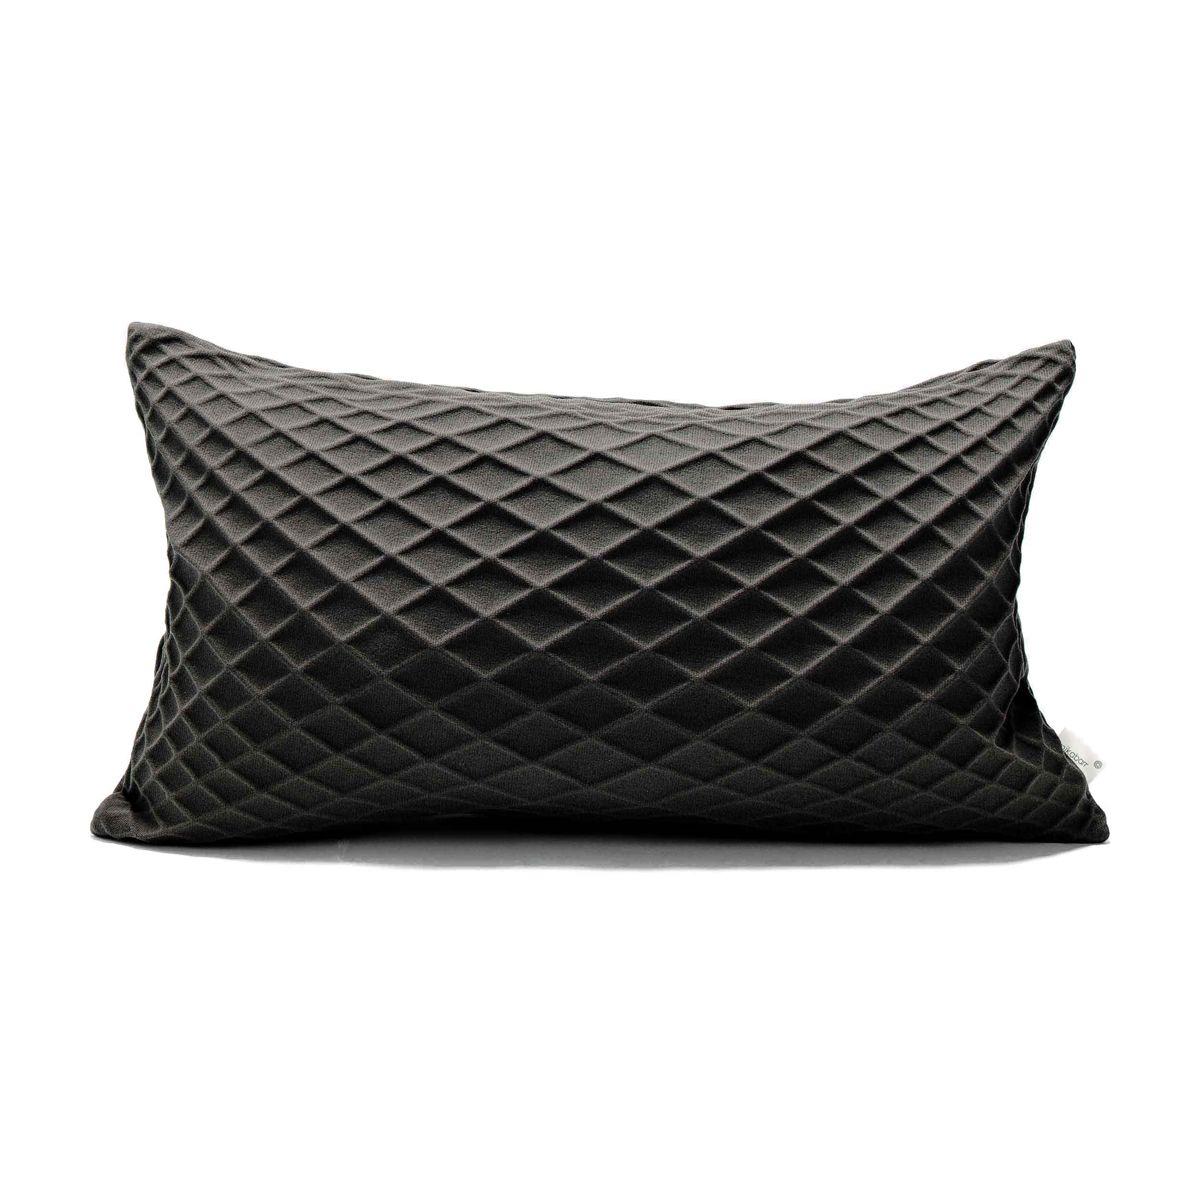 כרית מלבנית שחורה עם הדפס גאומטרי תלת מימדי